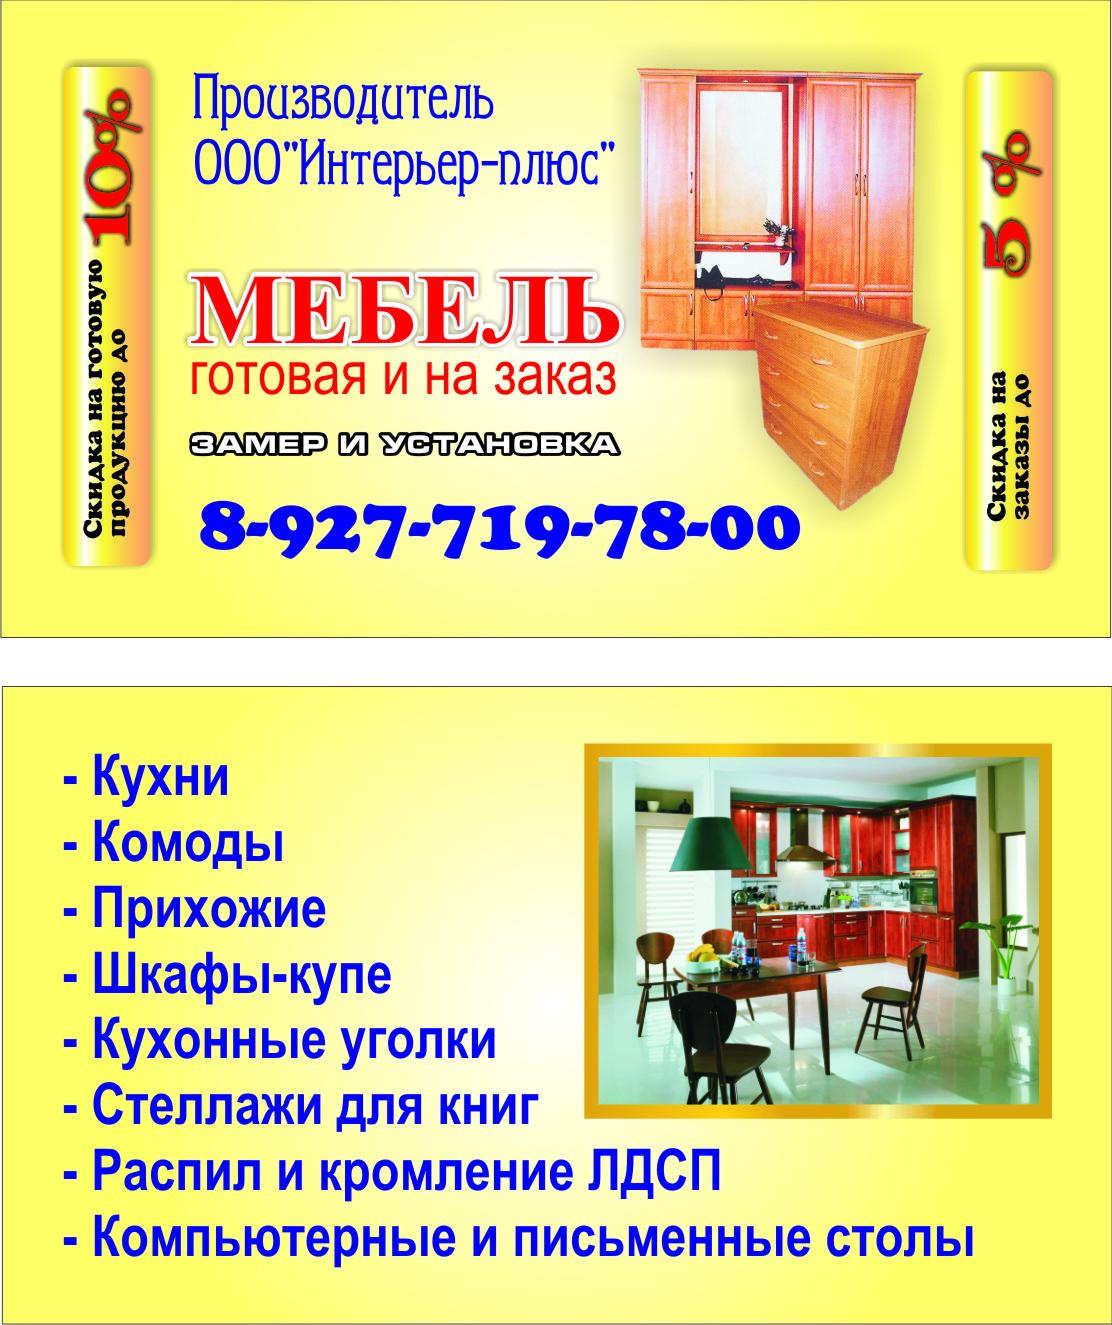 Шаблоны визиток мебели скачать бесплатно